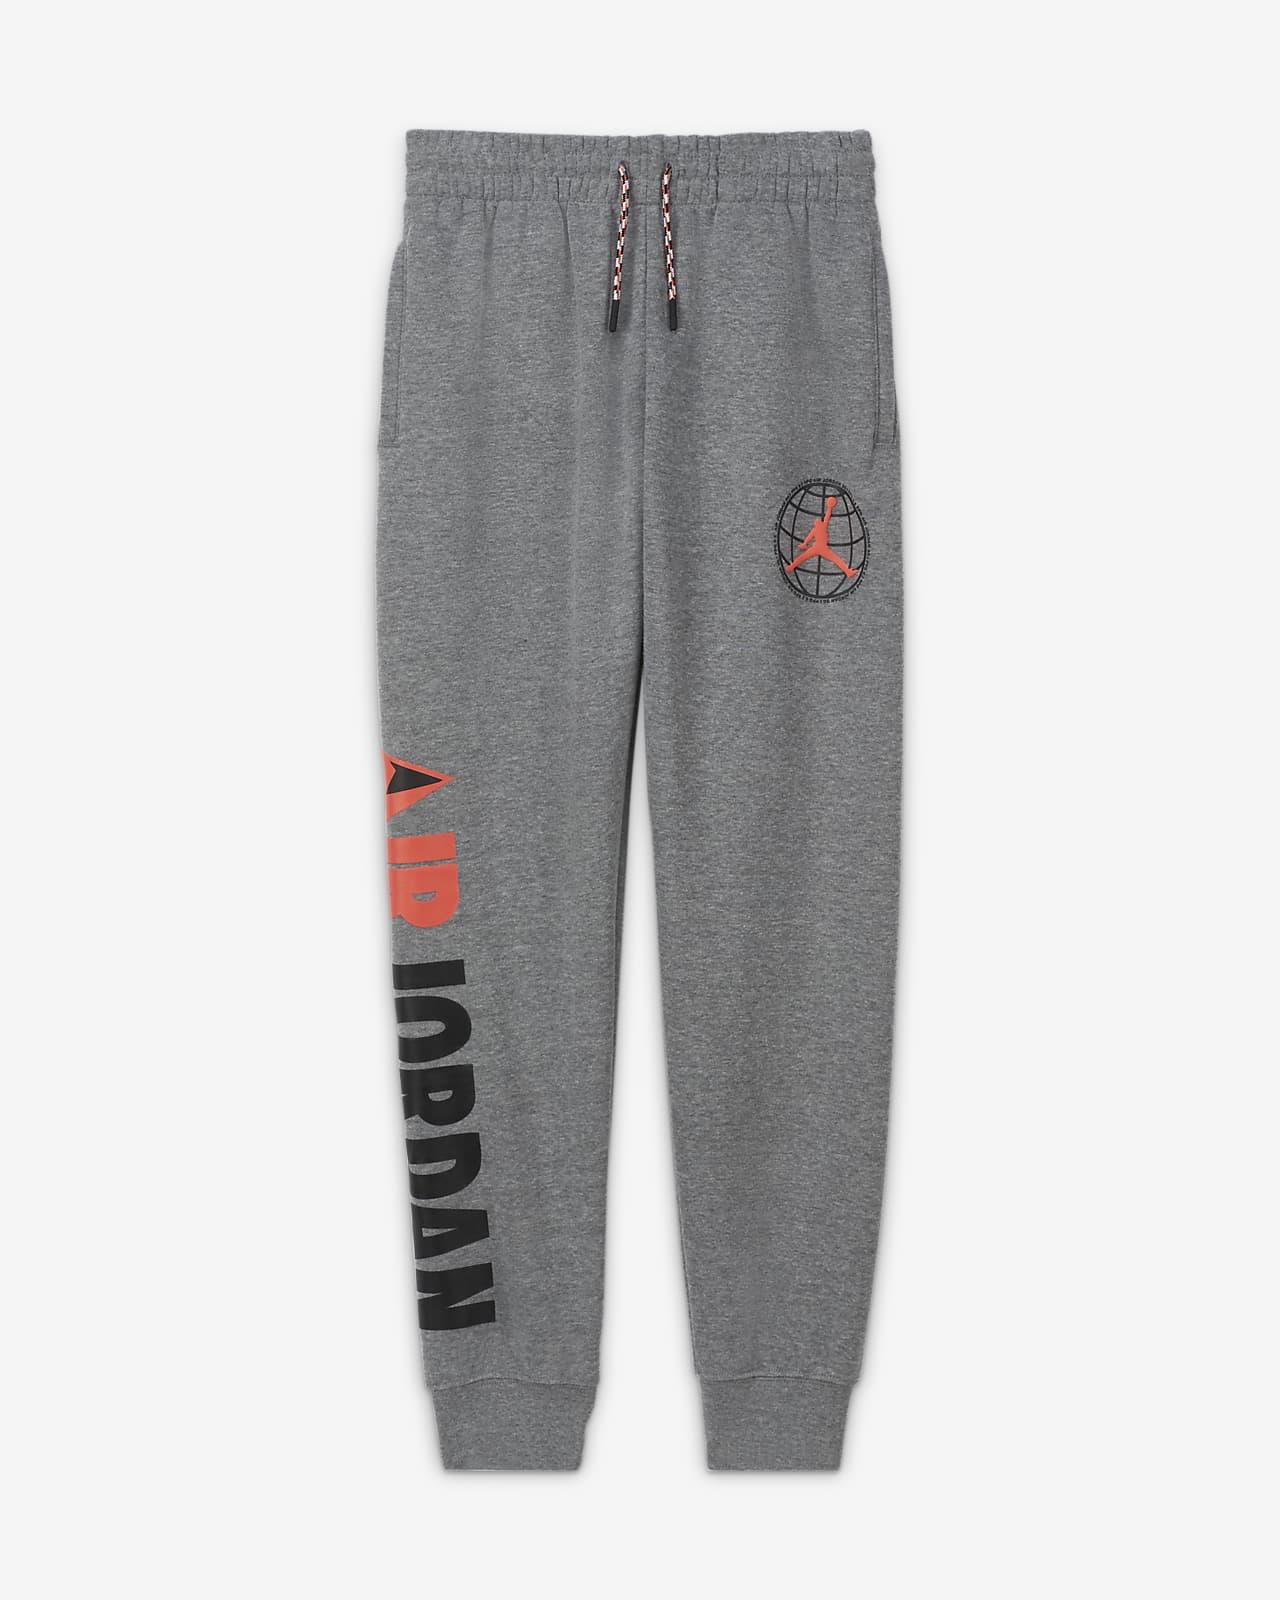 Jordan Pantalon De Tejido Fleece Nino Nike Es